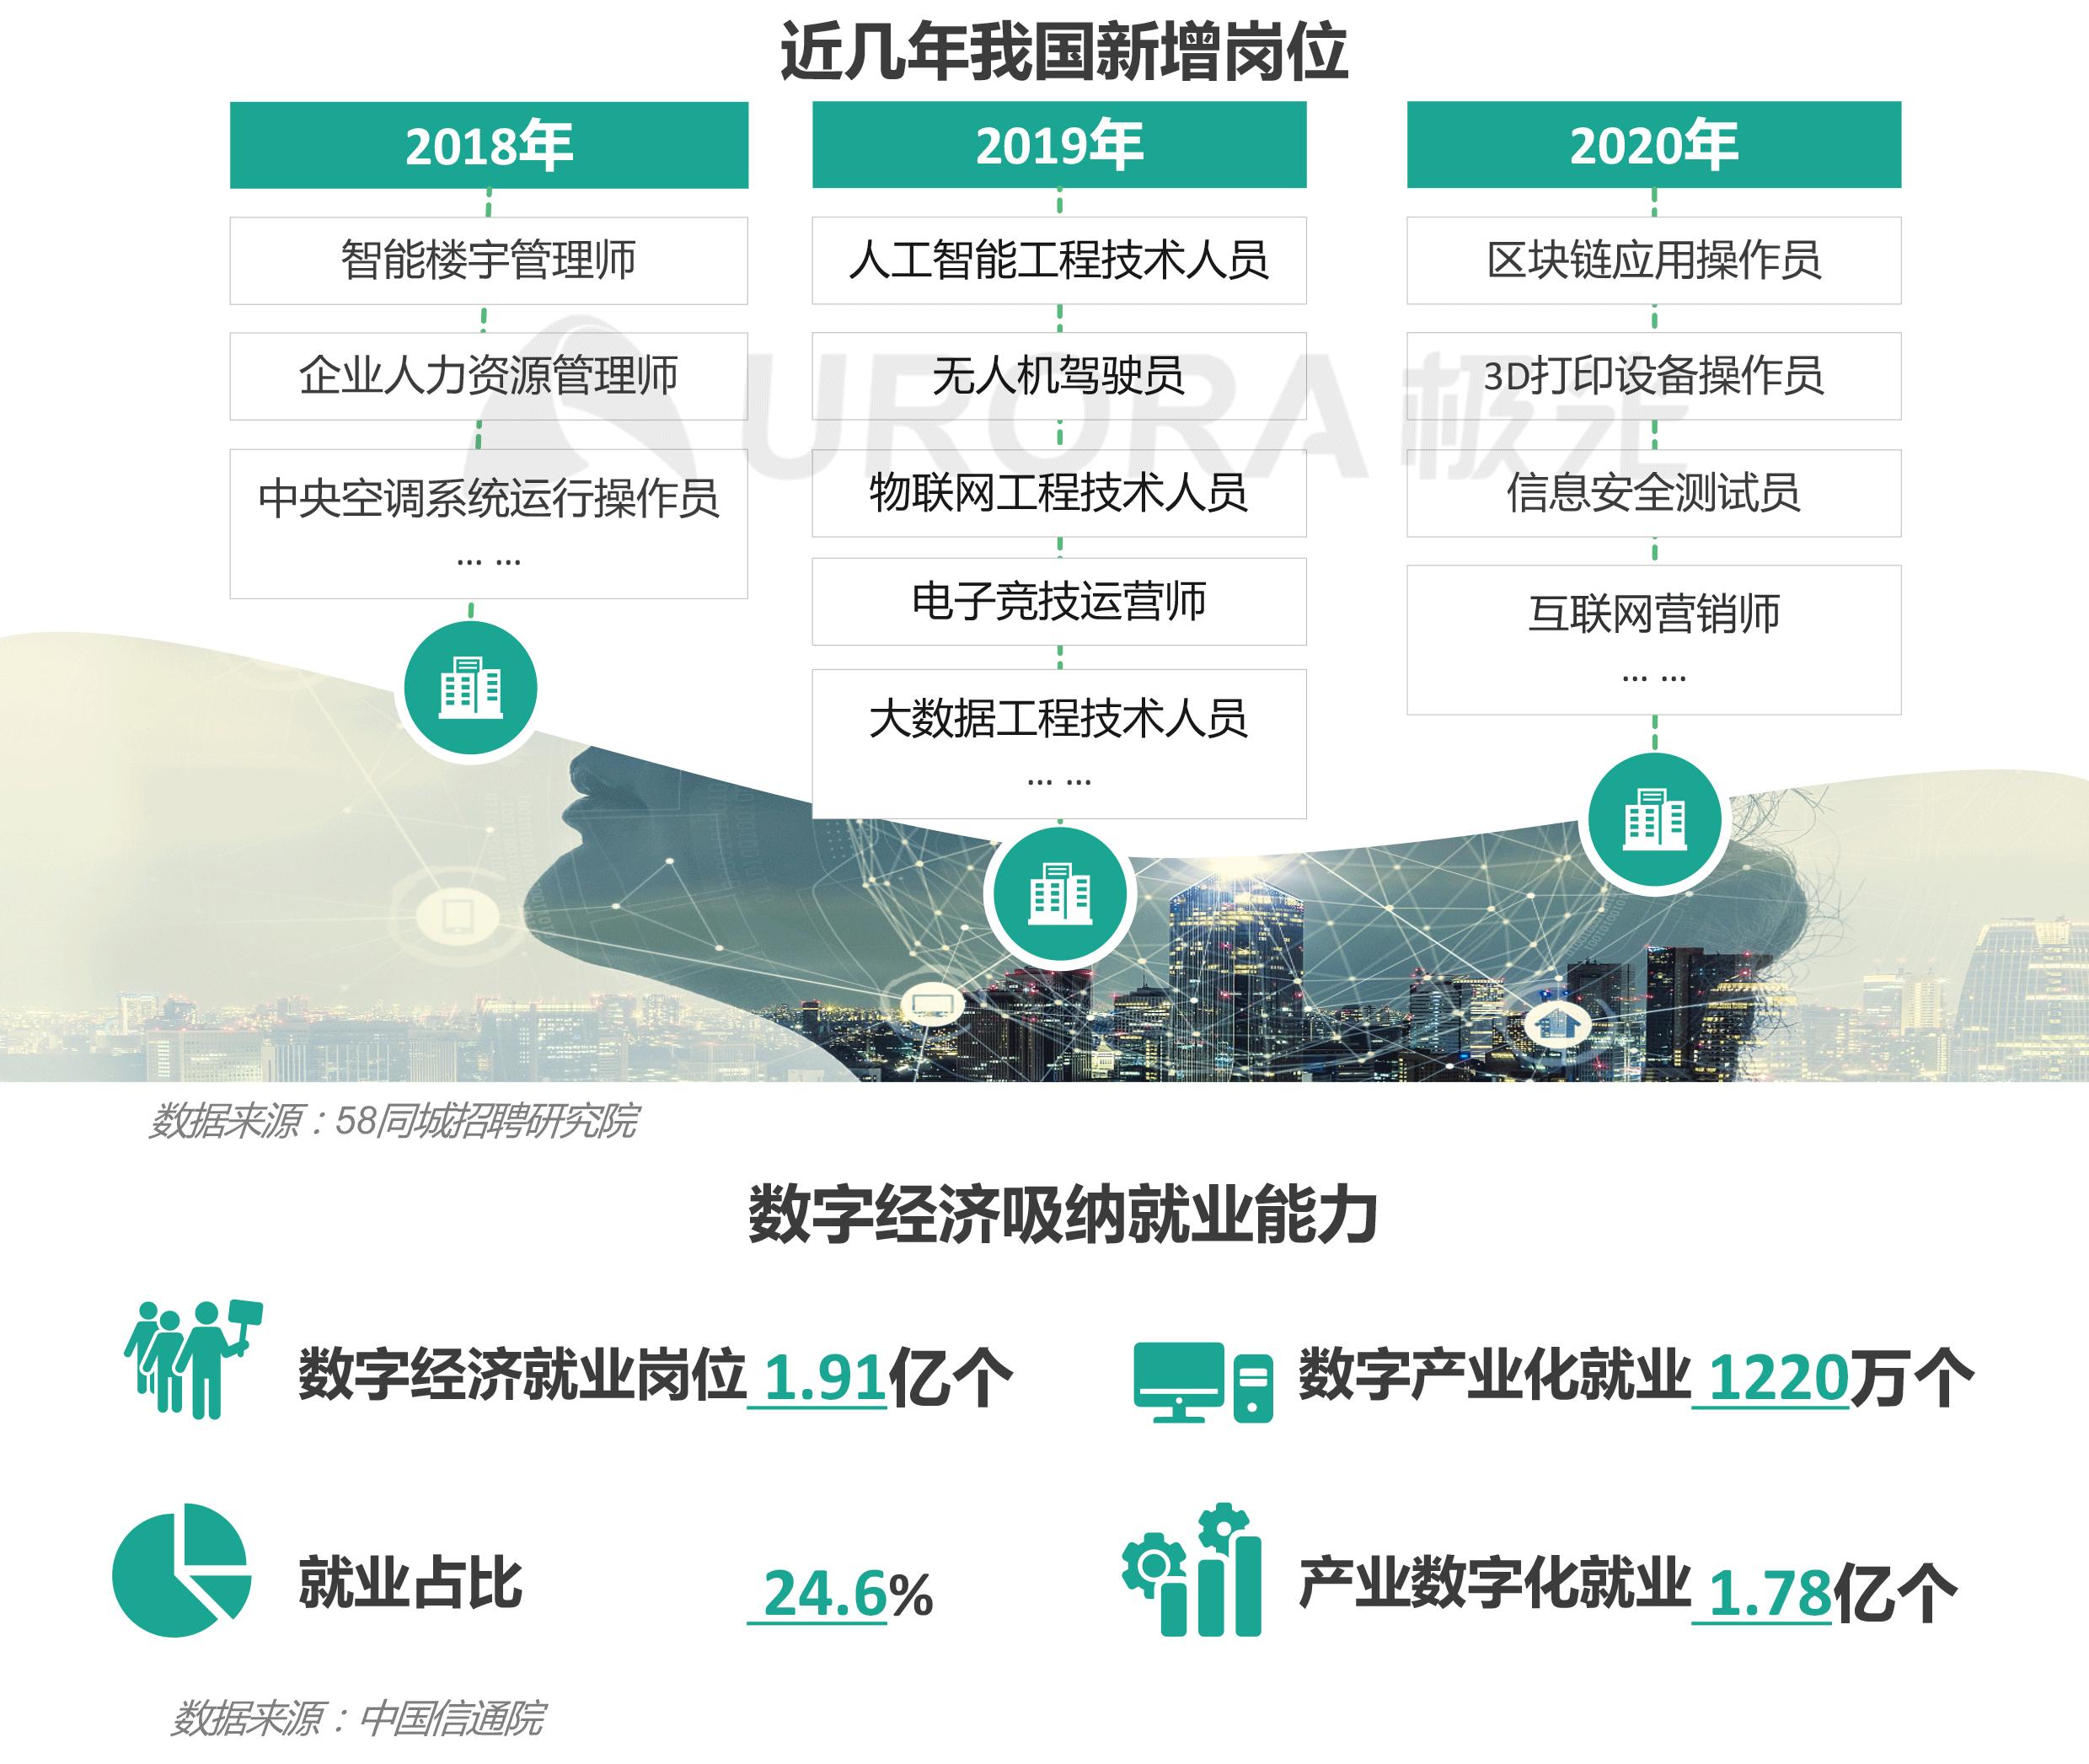 """""""超职季""""招聘行业报告-汇总版 (4).png"""